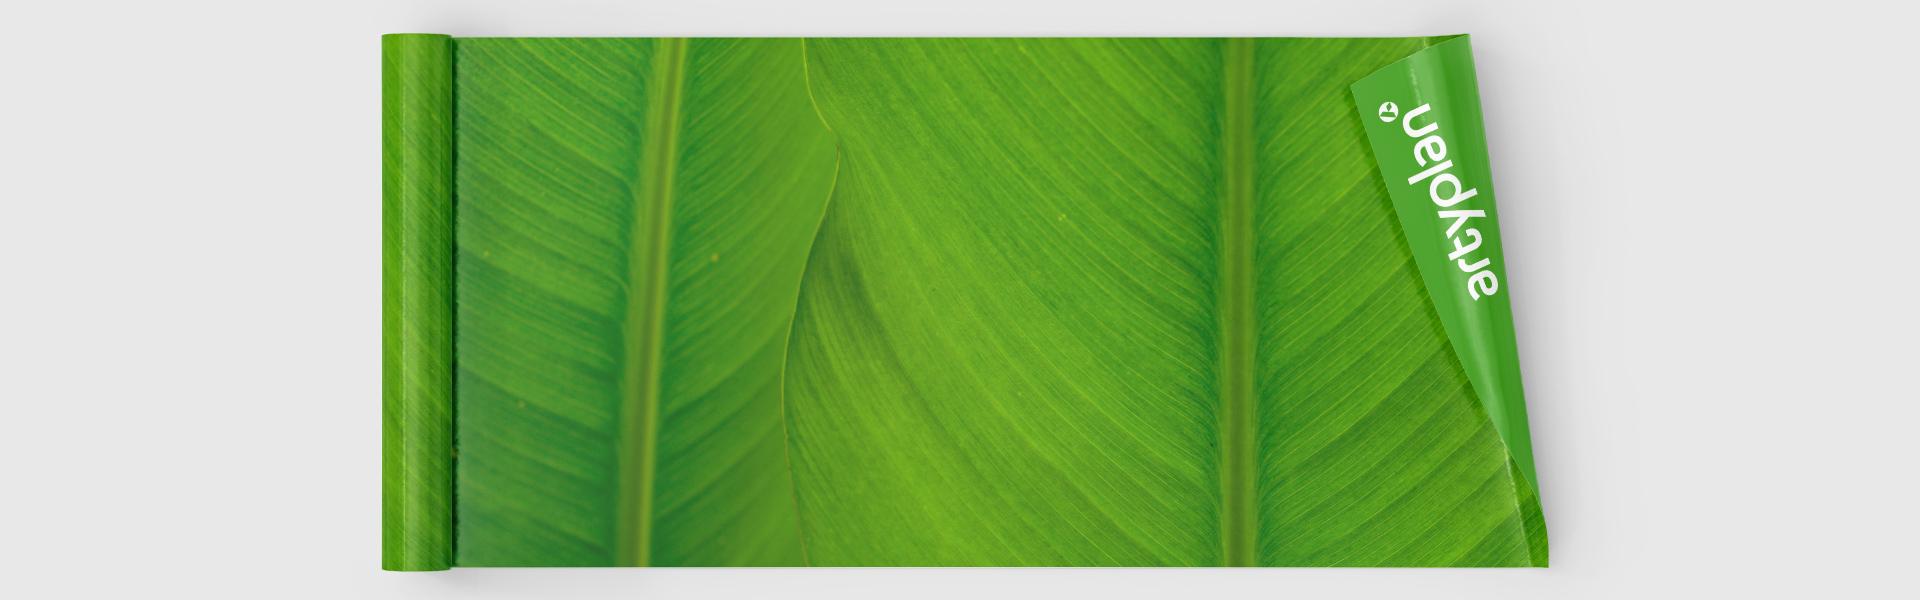 Vinilos ecológicos y sostenibles: vinilos libres de PVC